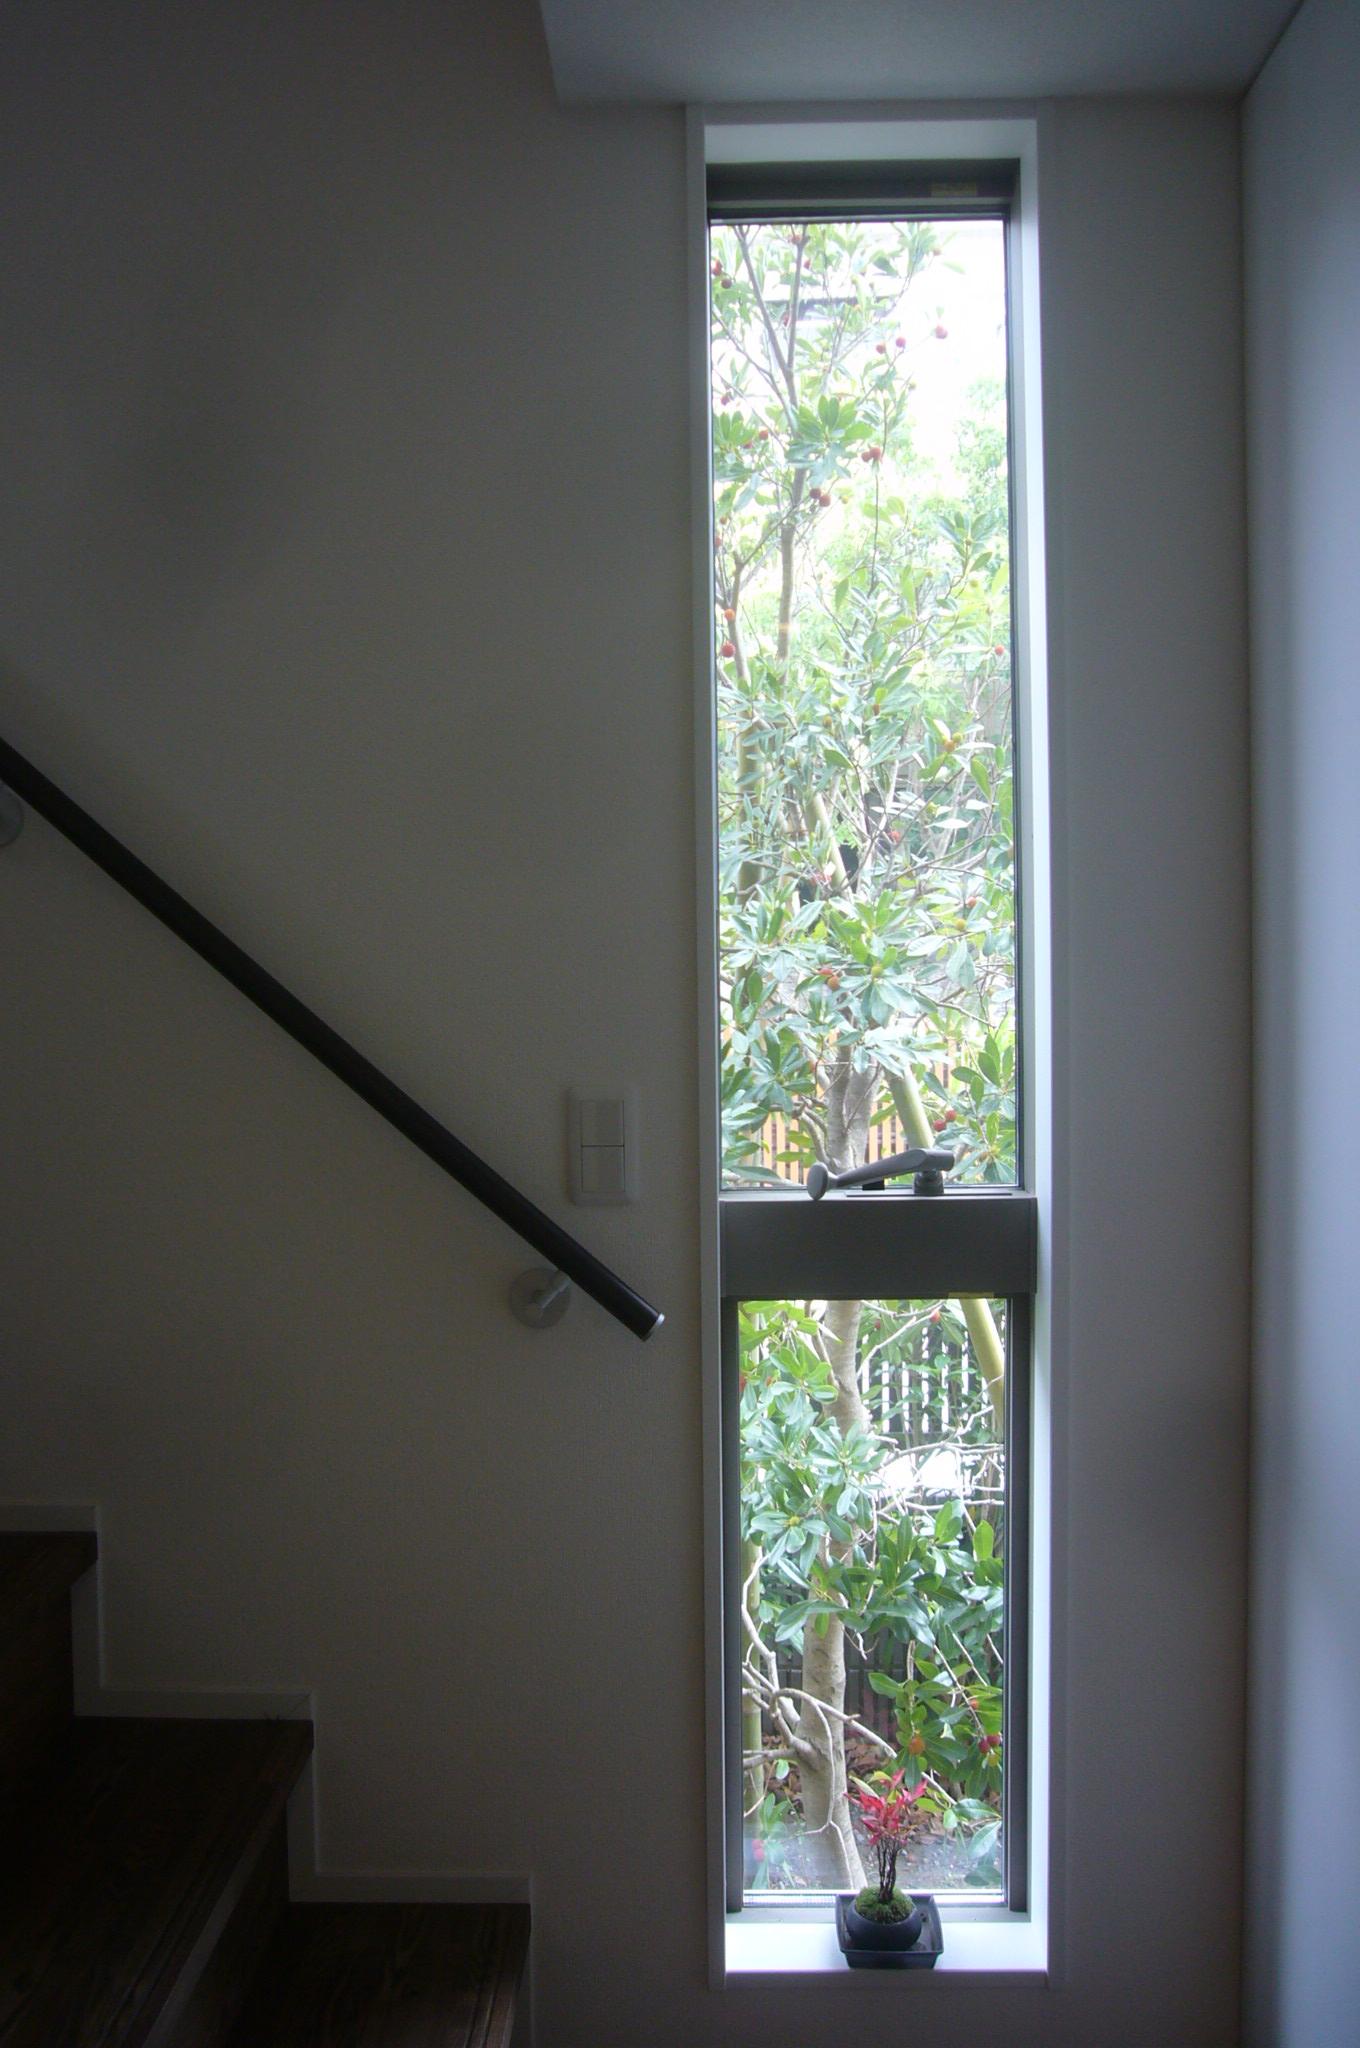 縦長窓からは、ヤマモモの樹が見えます